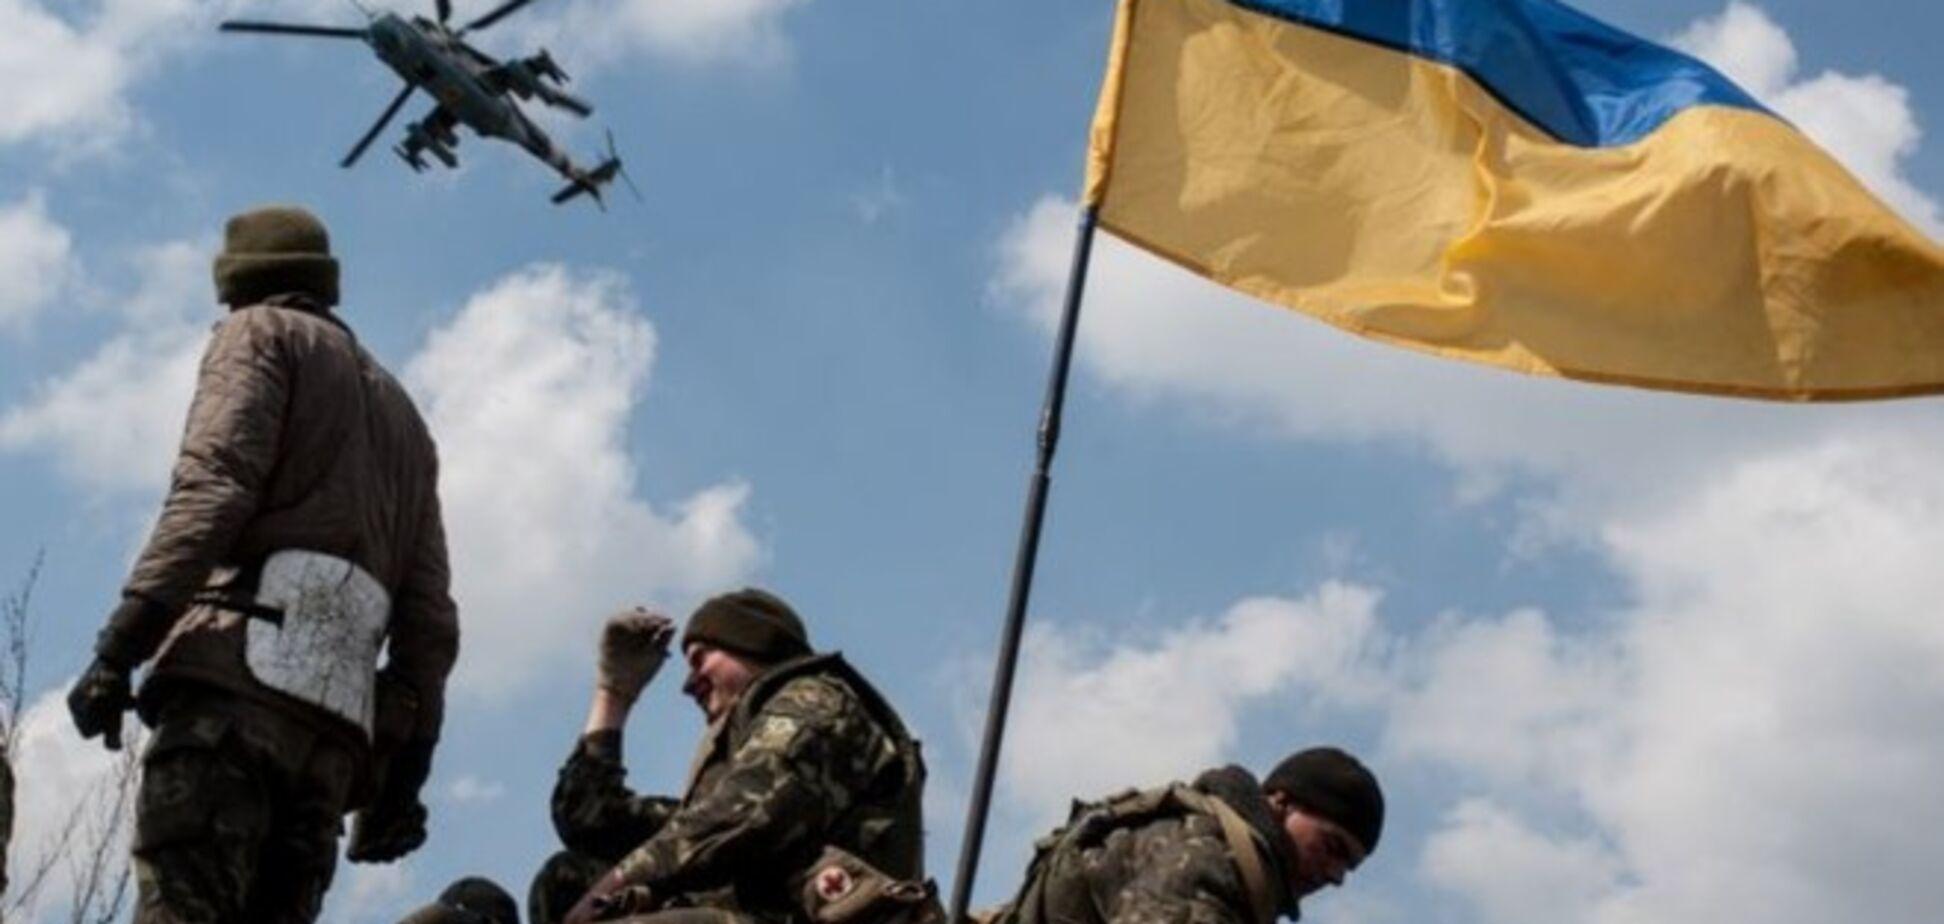 АТО на Донбассе идет к завершению, уничтожено много террористов - АП